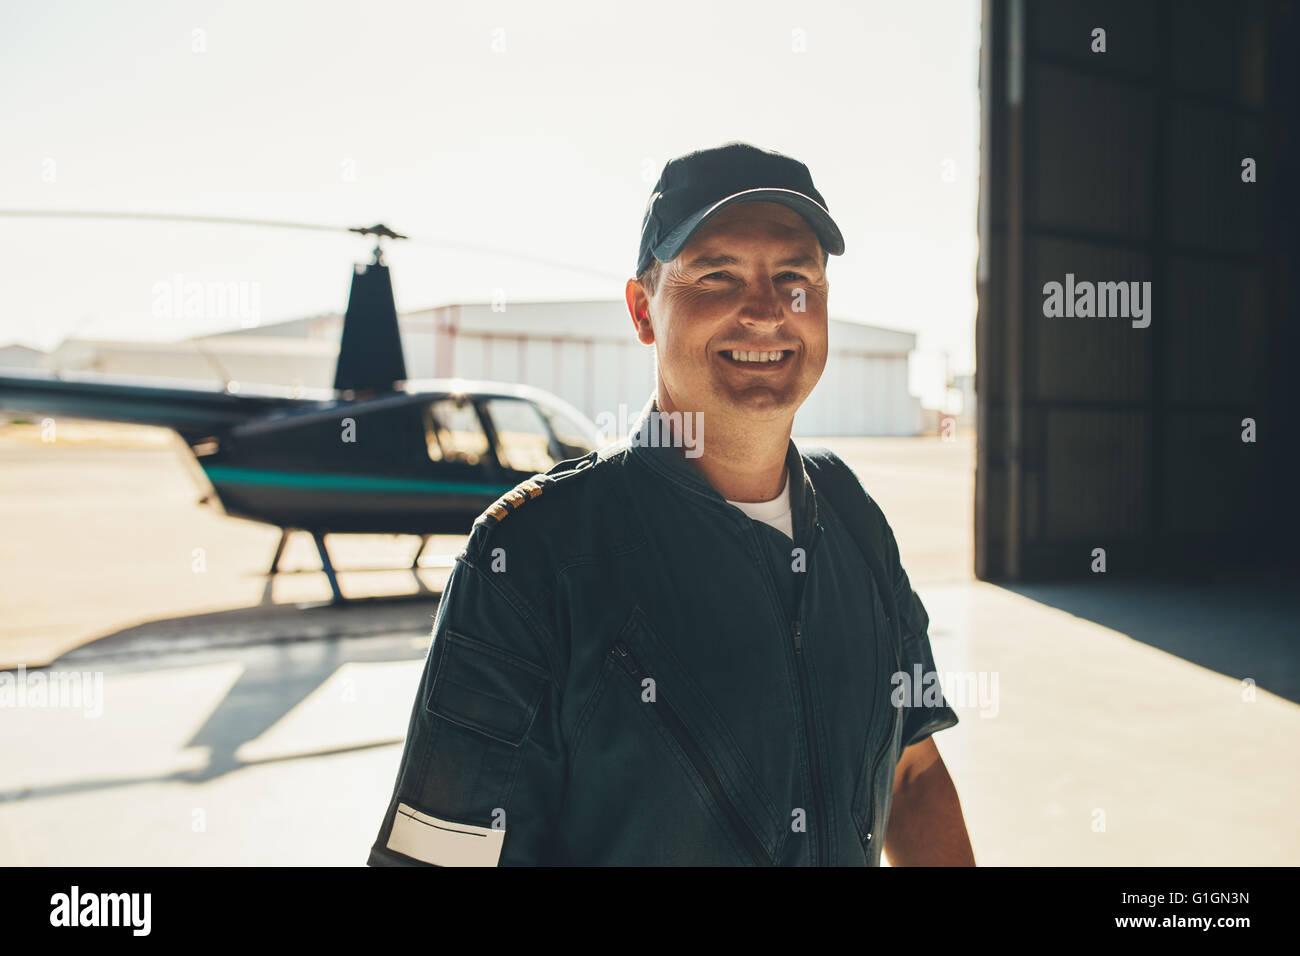 Ritratto di felice pilota maschio in piedi in hangar aereo con un elicottero in background Immagini Stock